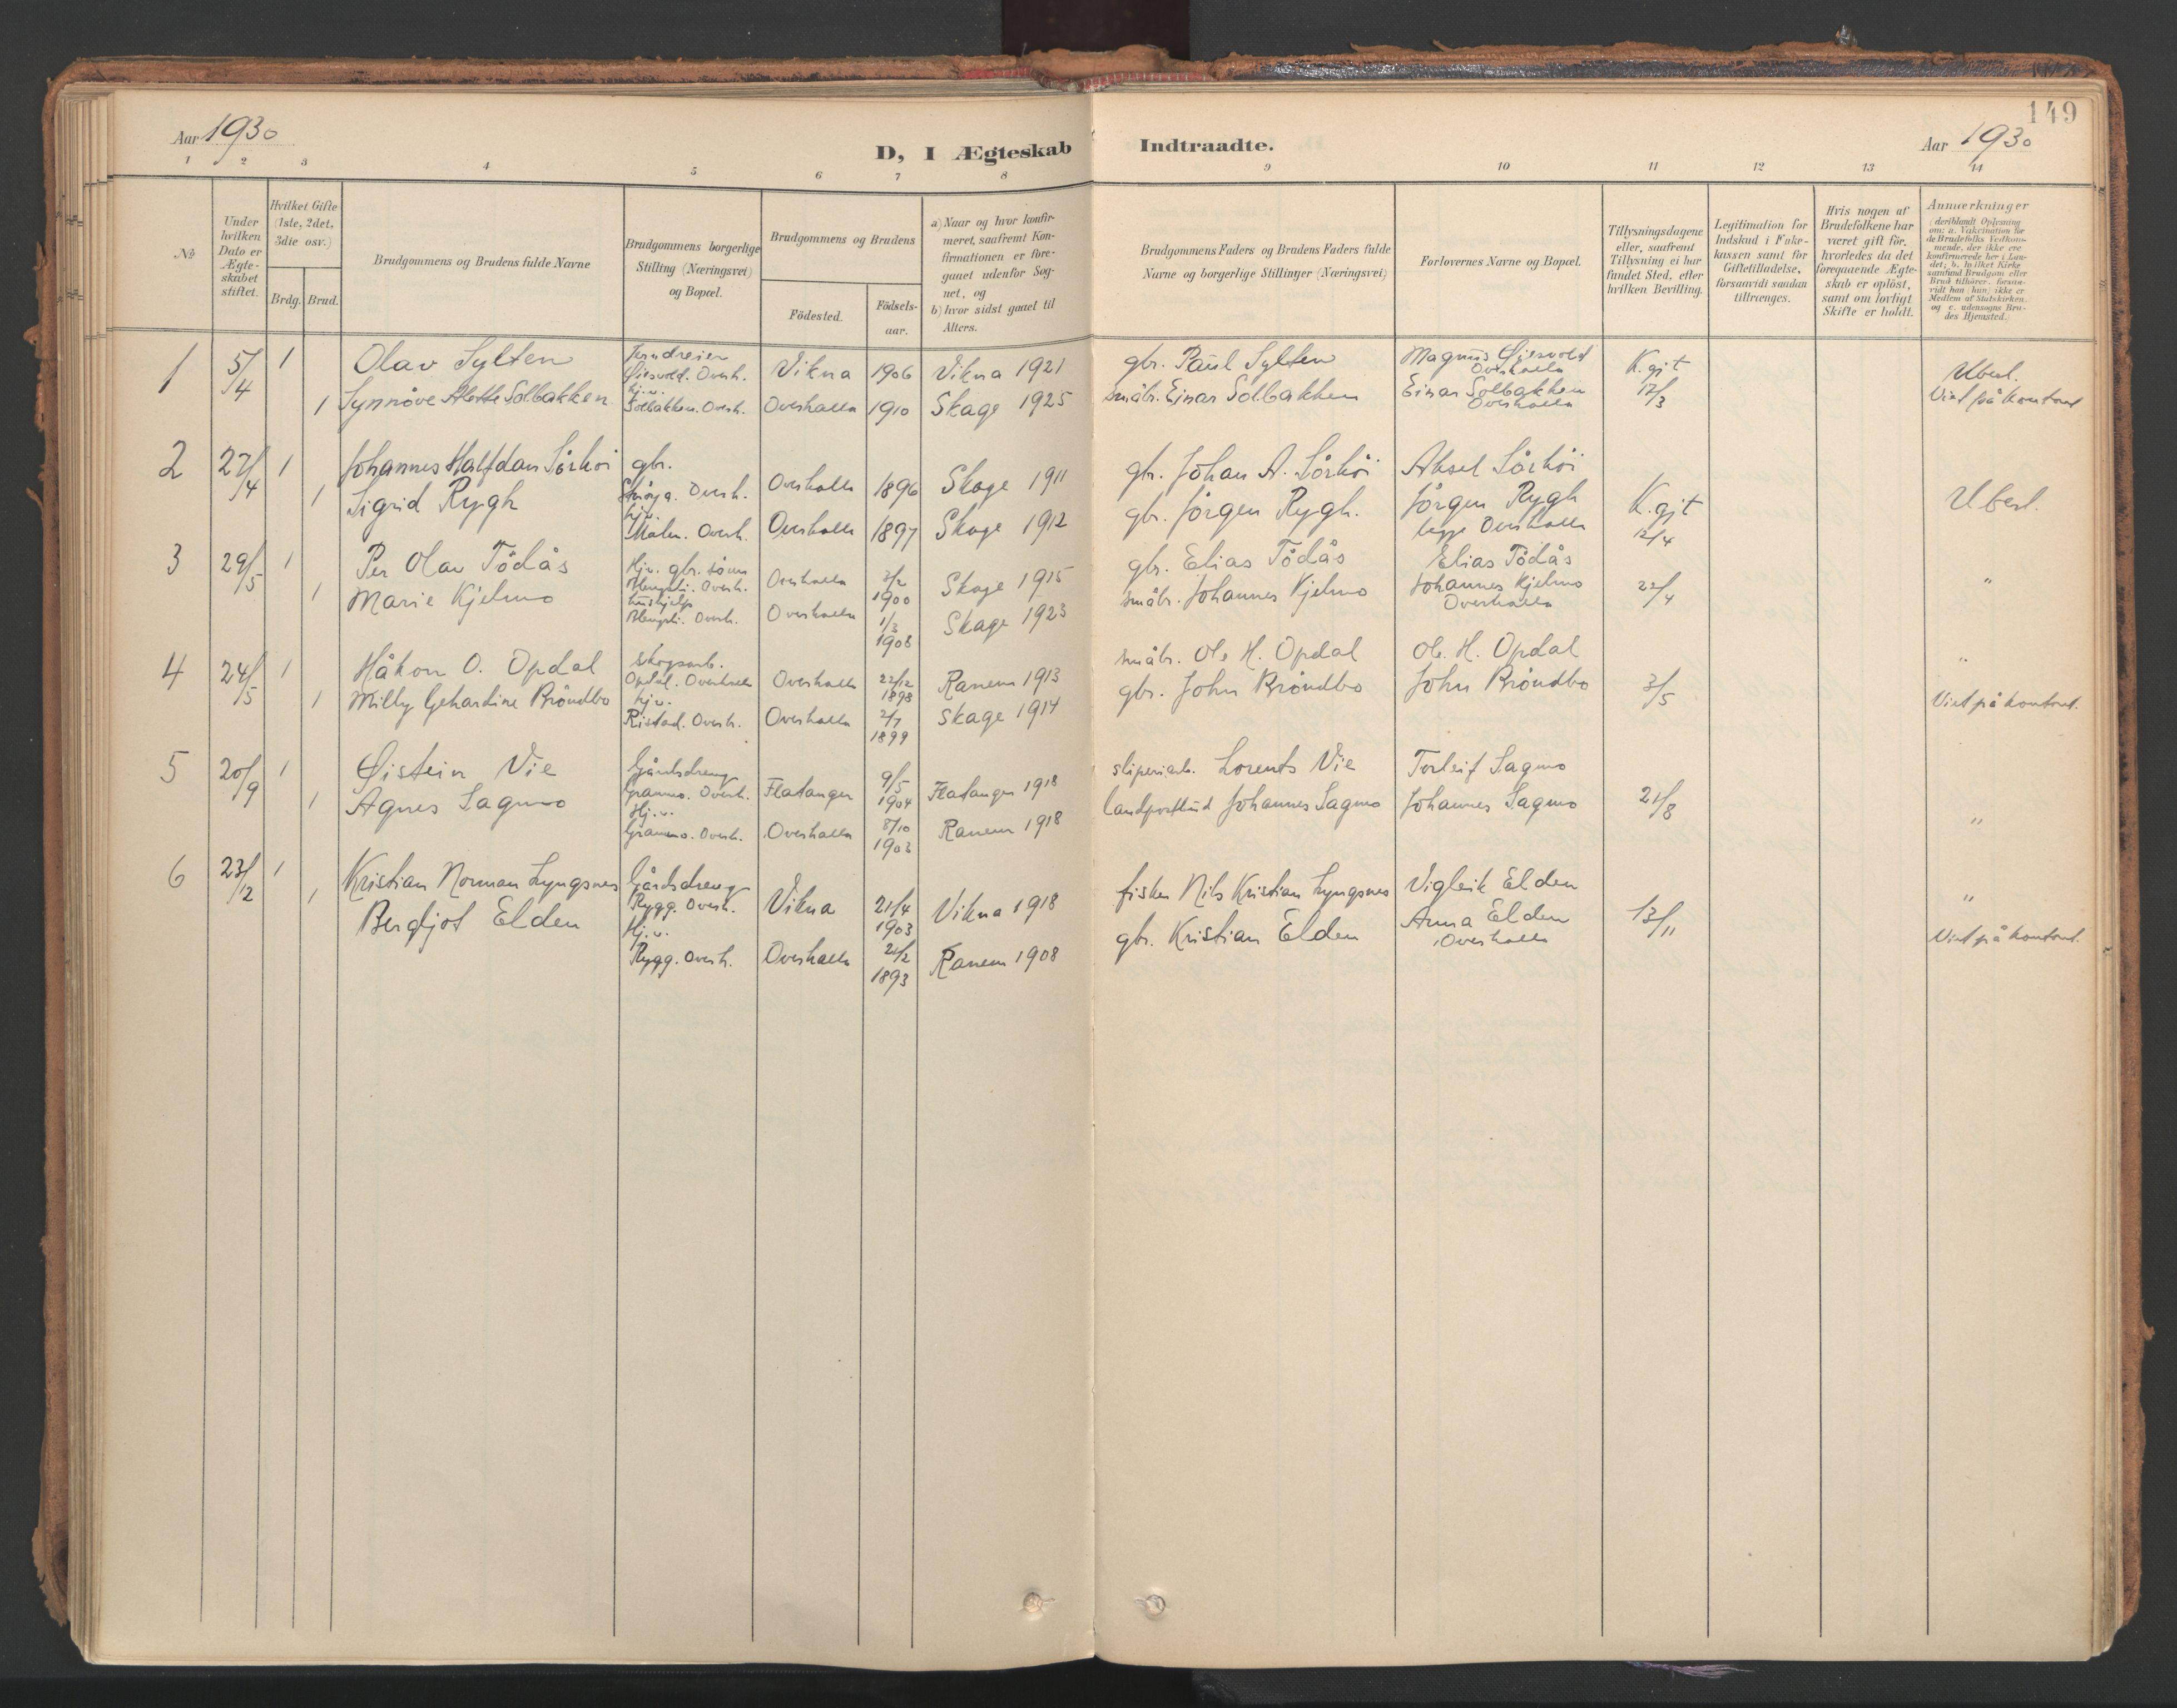 SAT, Ministerialprotokoller, klokkerbøker og fødselsregistre - Nord-Trøndelag, 766/L0564: Ministerialbok nr. 767A02, 1900-1932, s. 149